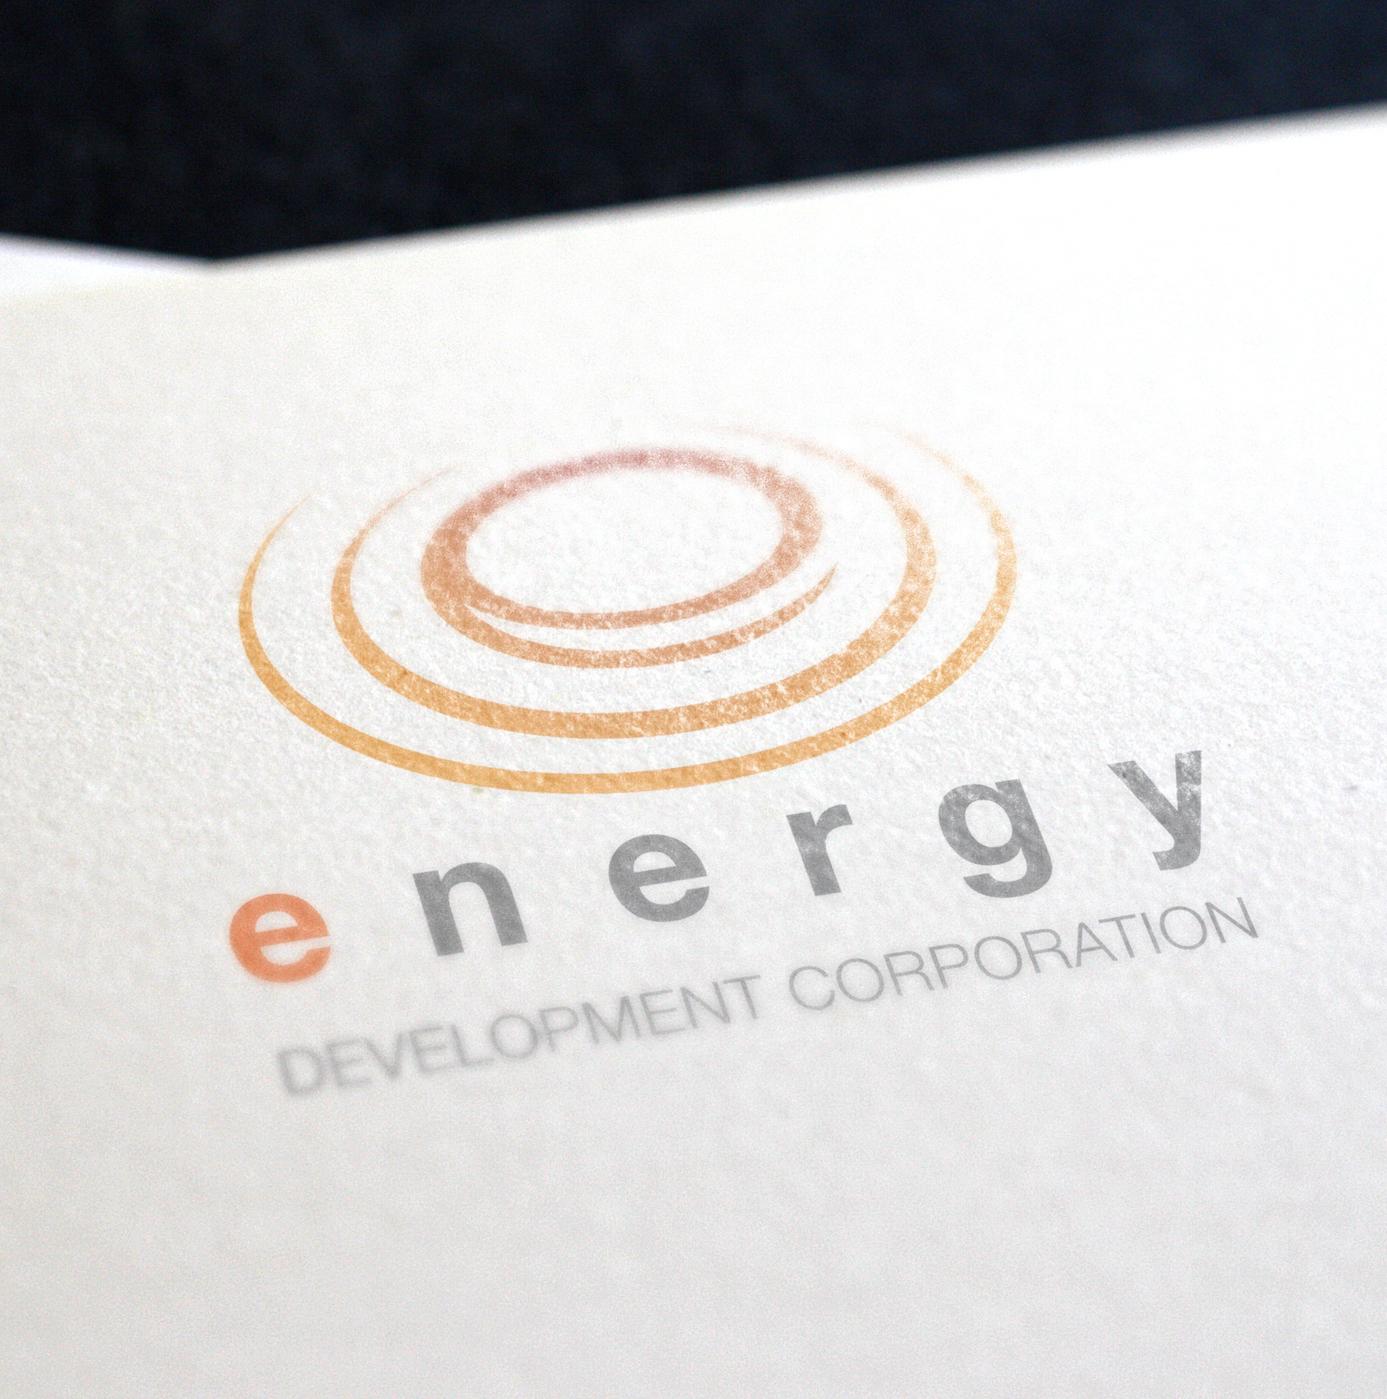 Energy Development Corporation